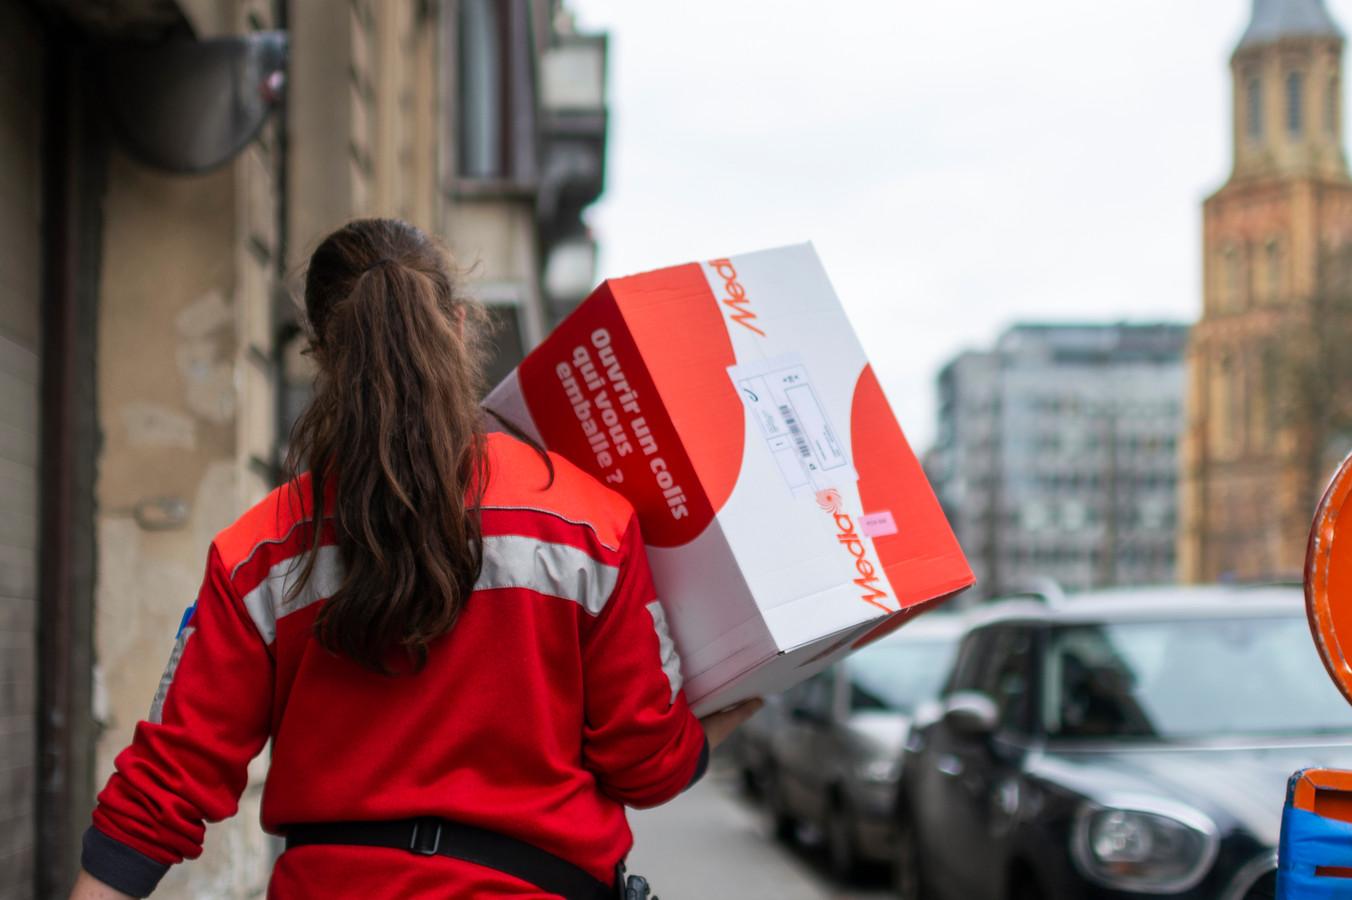 28122020 Antwerpen bpost    Pakjes leveren BPOST